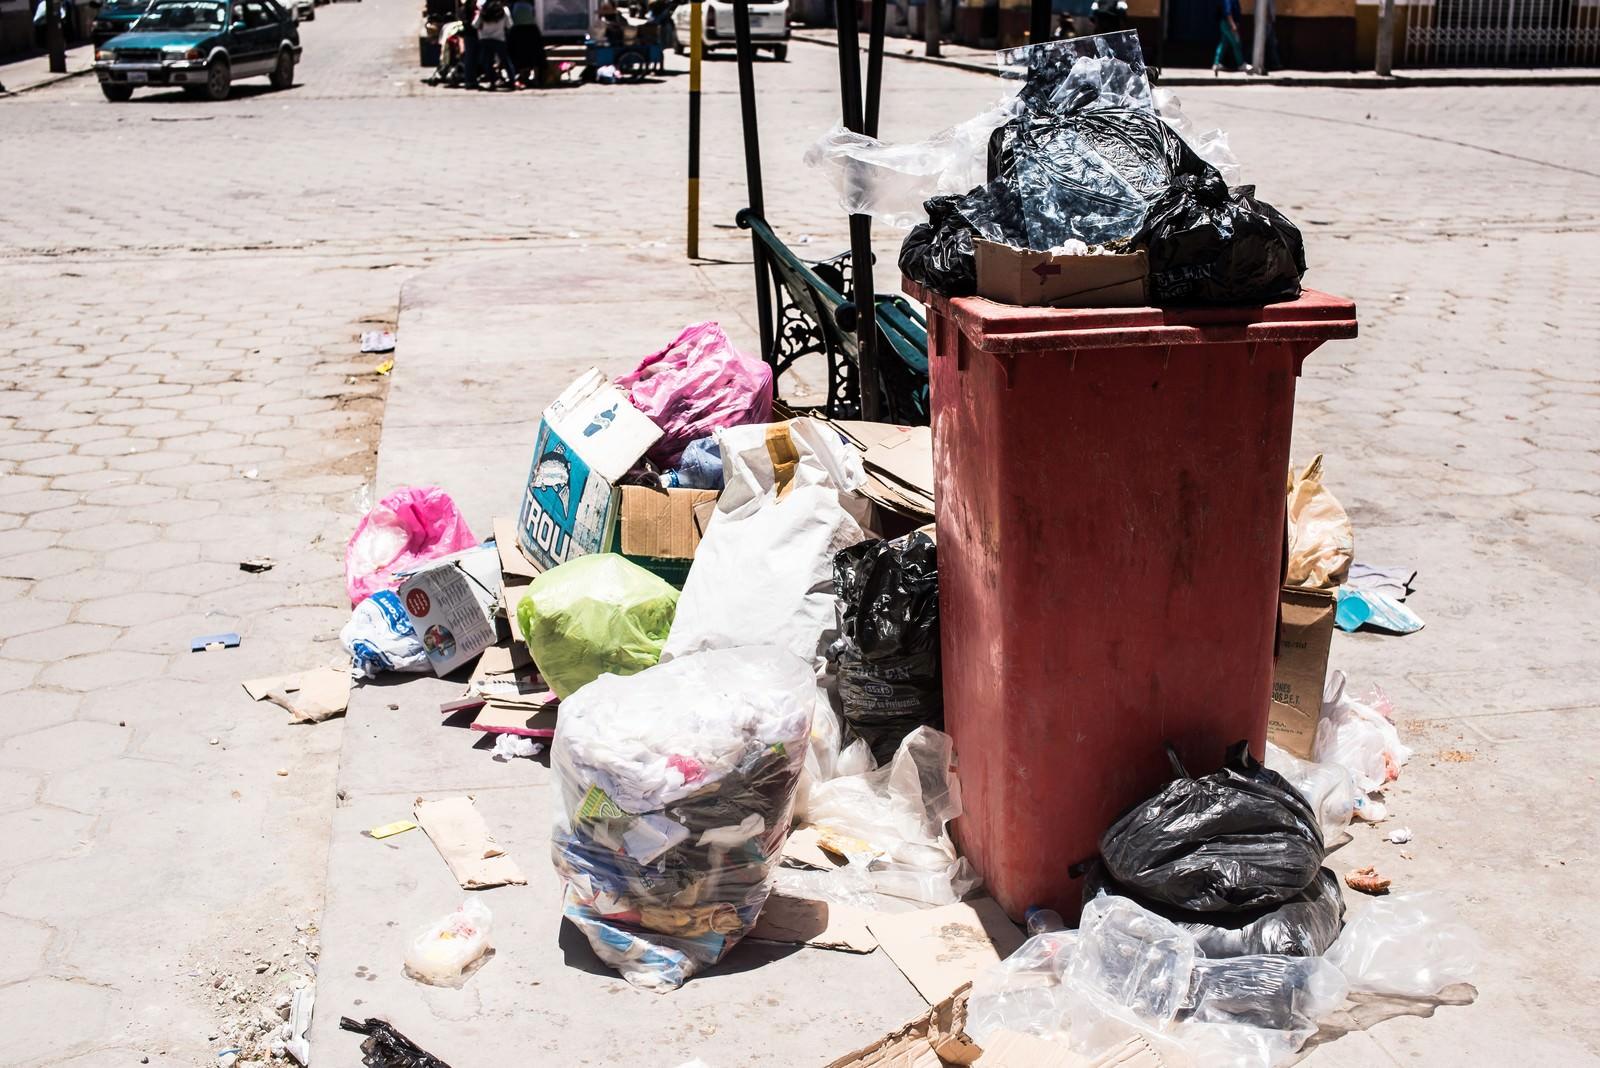 「ゴミ箱から溢れ出す投棄物ゴミ箱から溢れ出す投棄物」のフリー写真素材を拡大